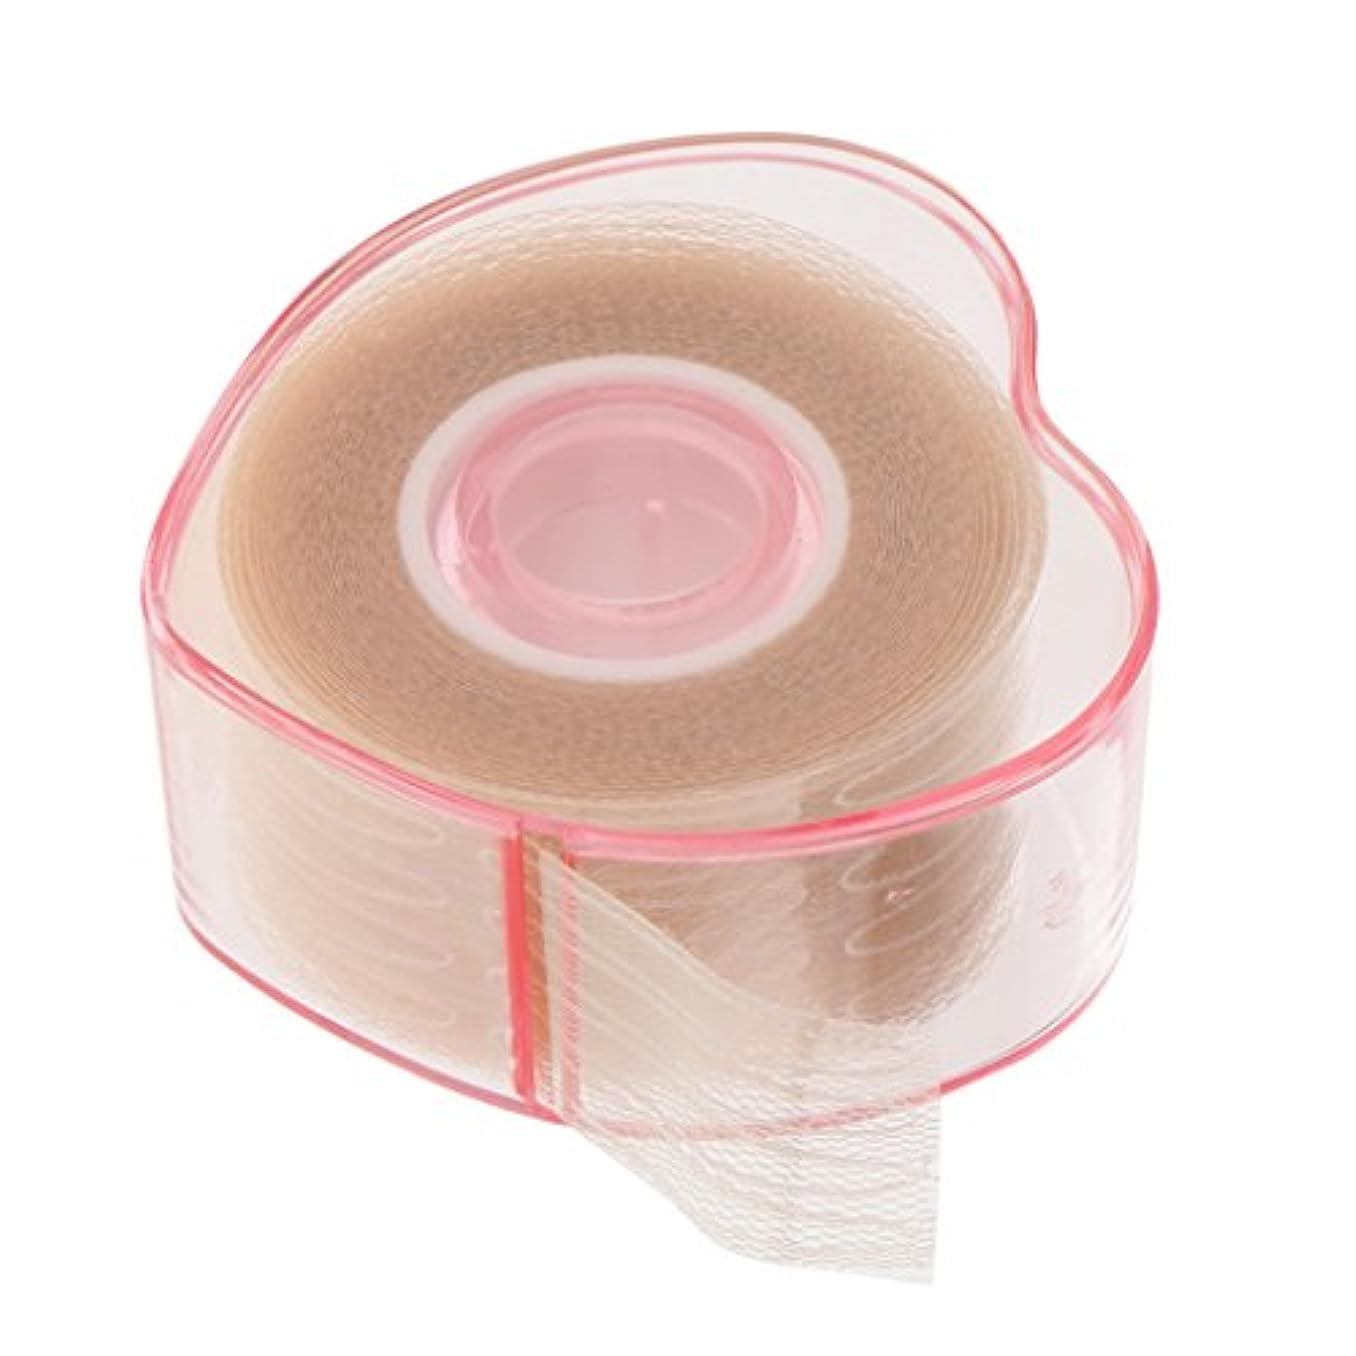 インシデント受動的くさびまつ毛テープ まつ毛ロール 繊維 二重まぶた リフトストリップ ステッカー 粘着性なし 4タイプ選べる - 図示のように, 説明したように